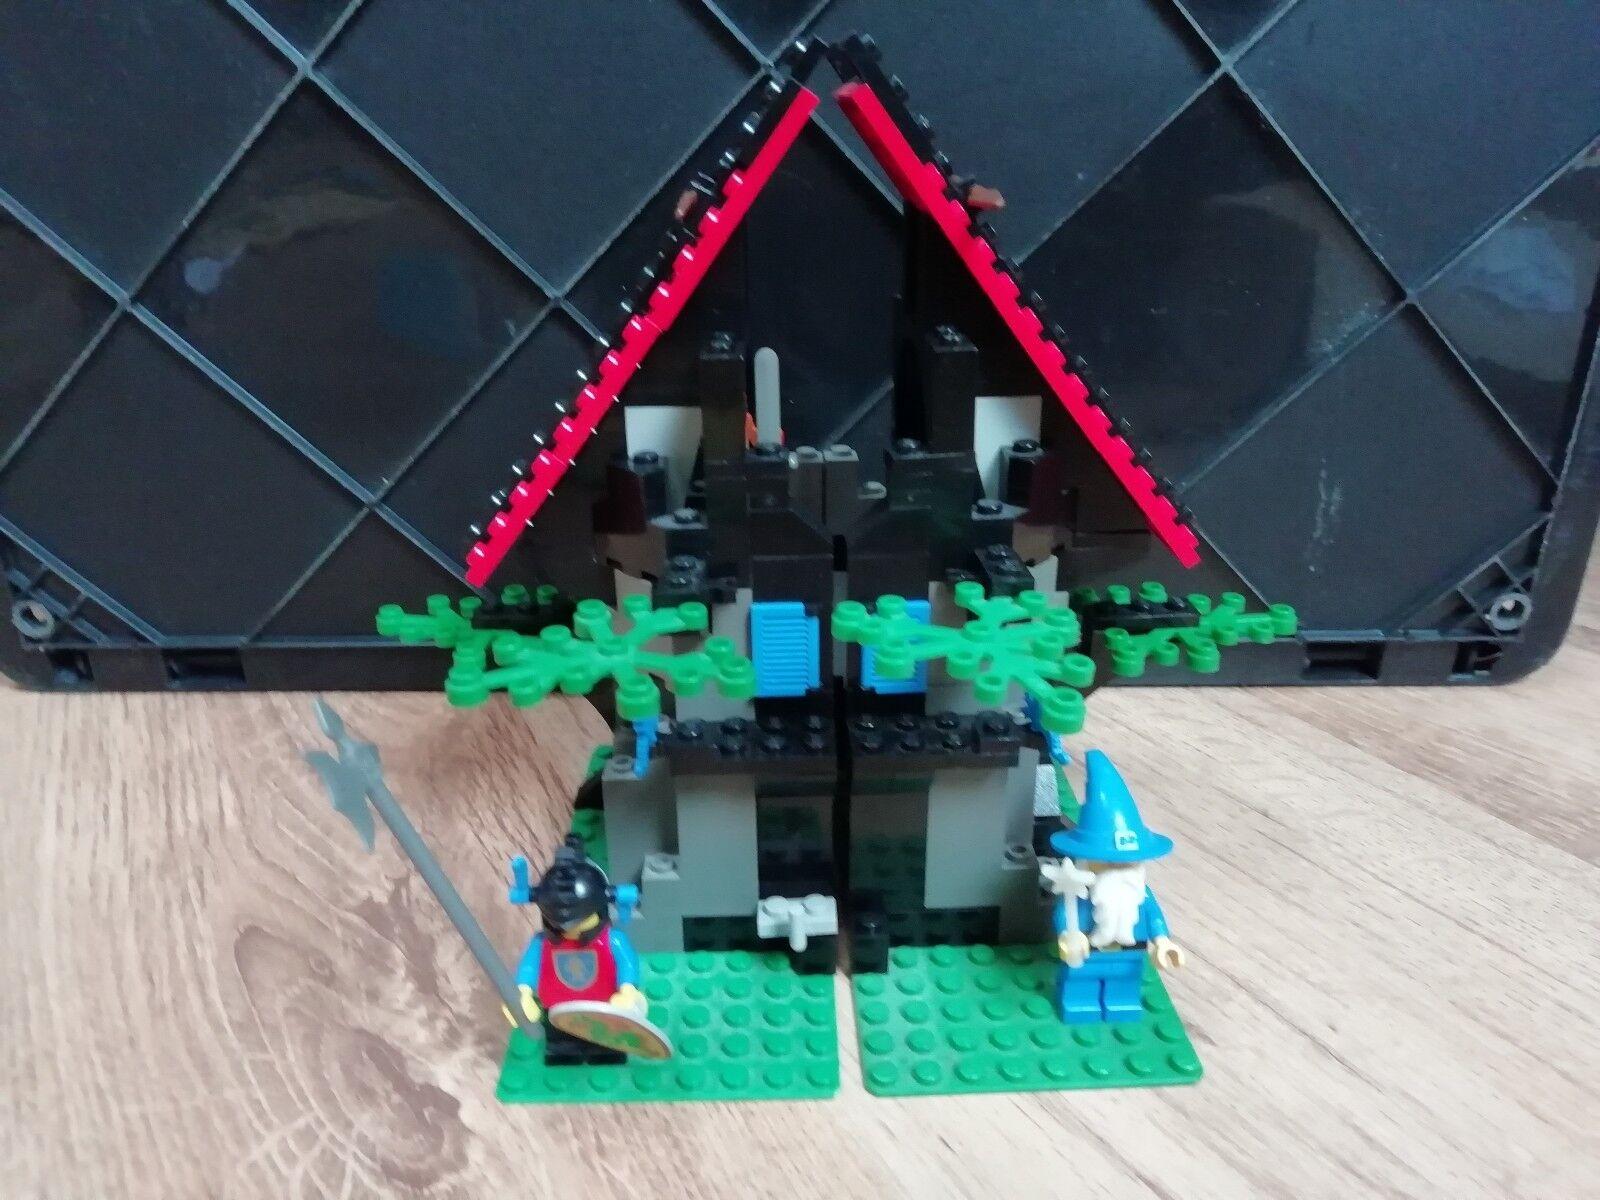 Lego 6048 Hexenmeisterwerkstatt Jahr 1993 inkl. Bauanleitung